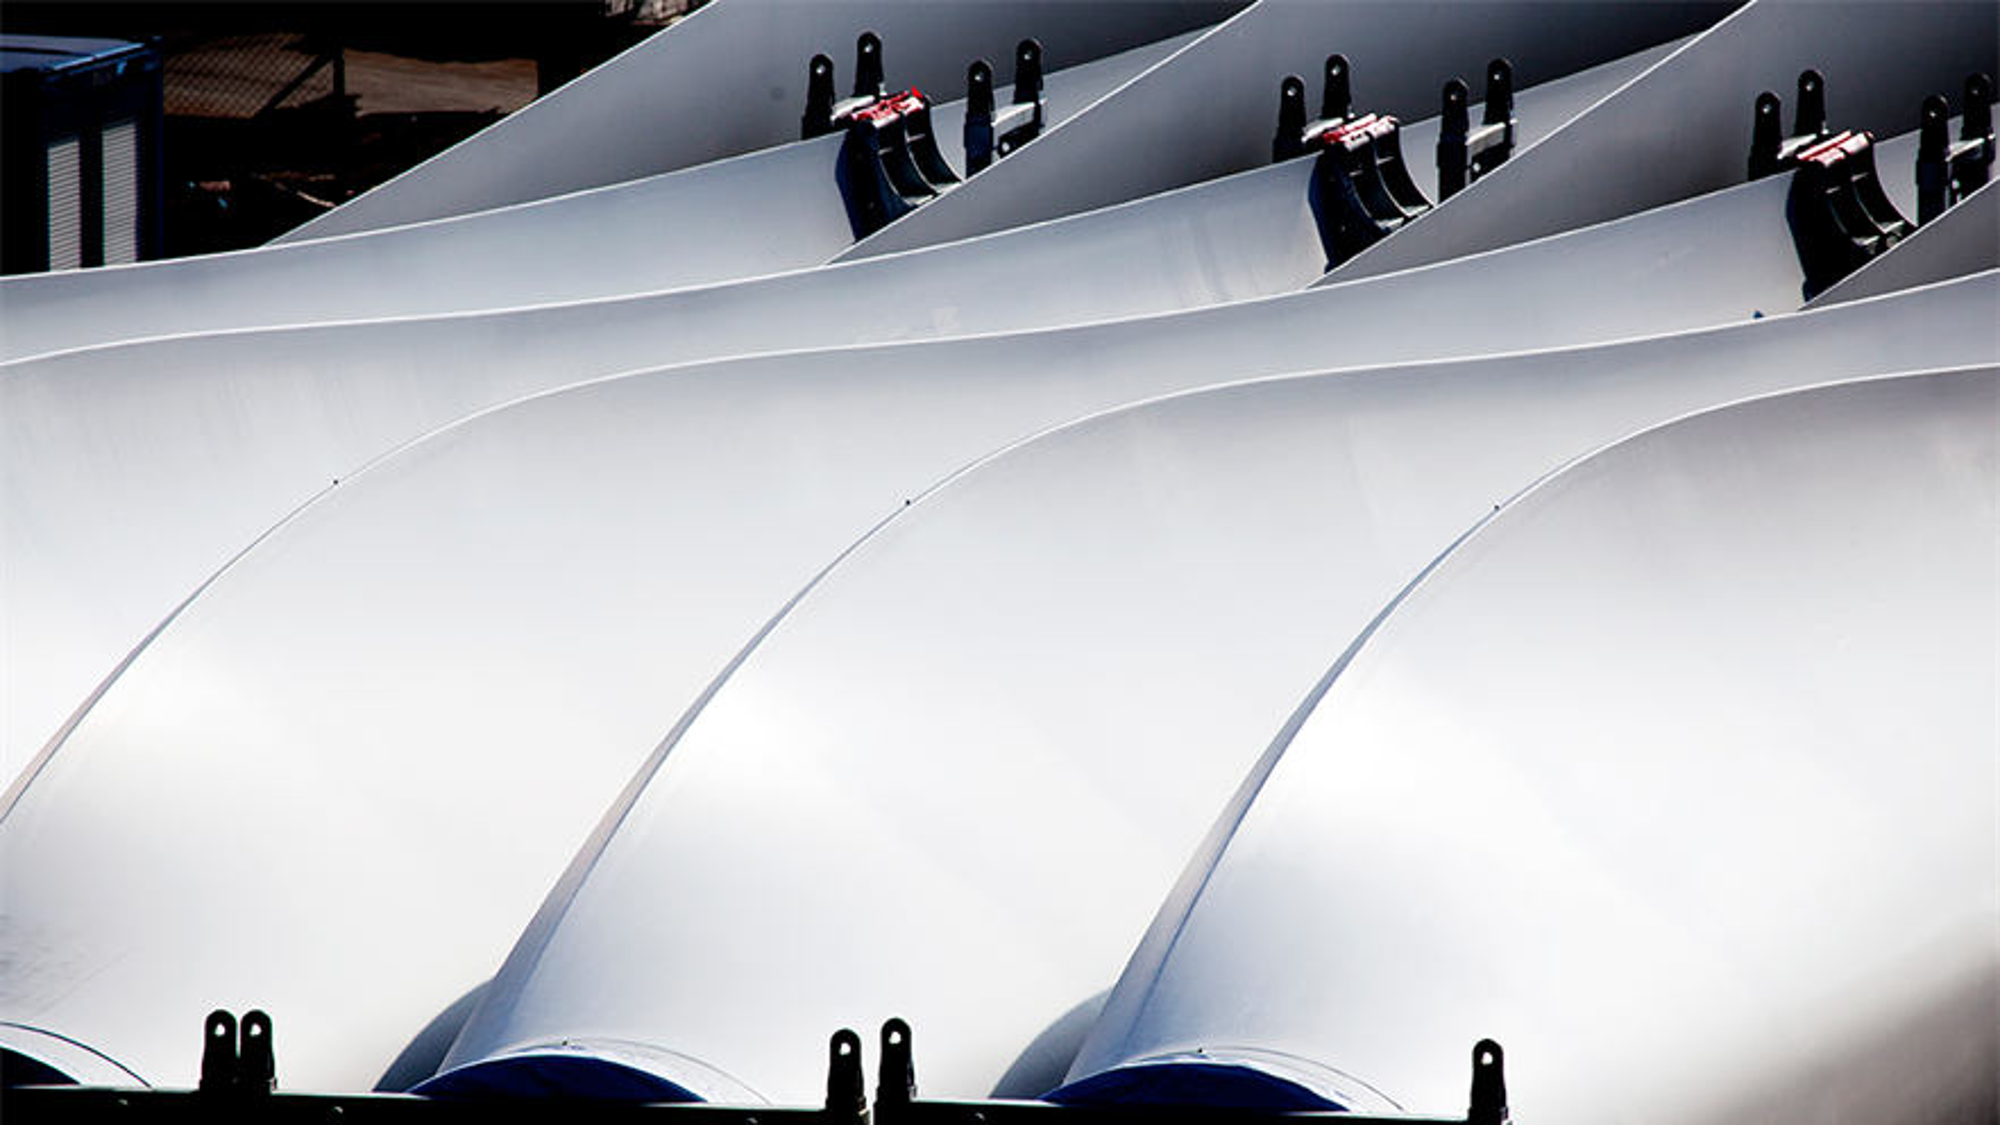 Vestas ønsker å gjenvinne komposittmaterialer i vindkraft-turbiner. Foto:  Frank Boutrup Schmidt/Vestas